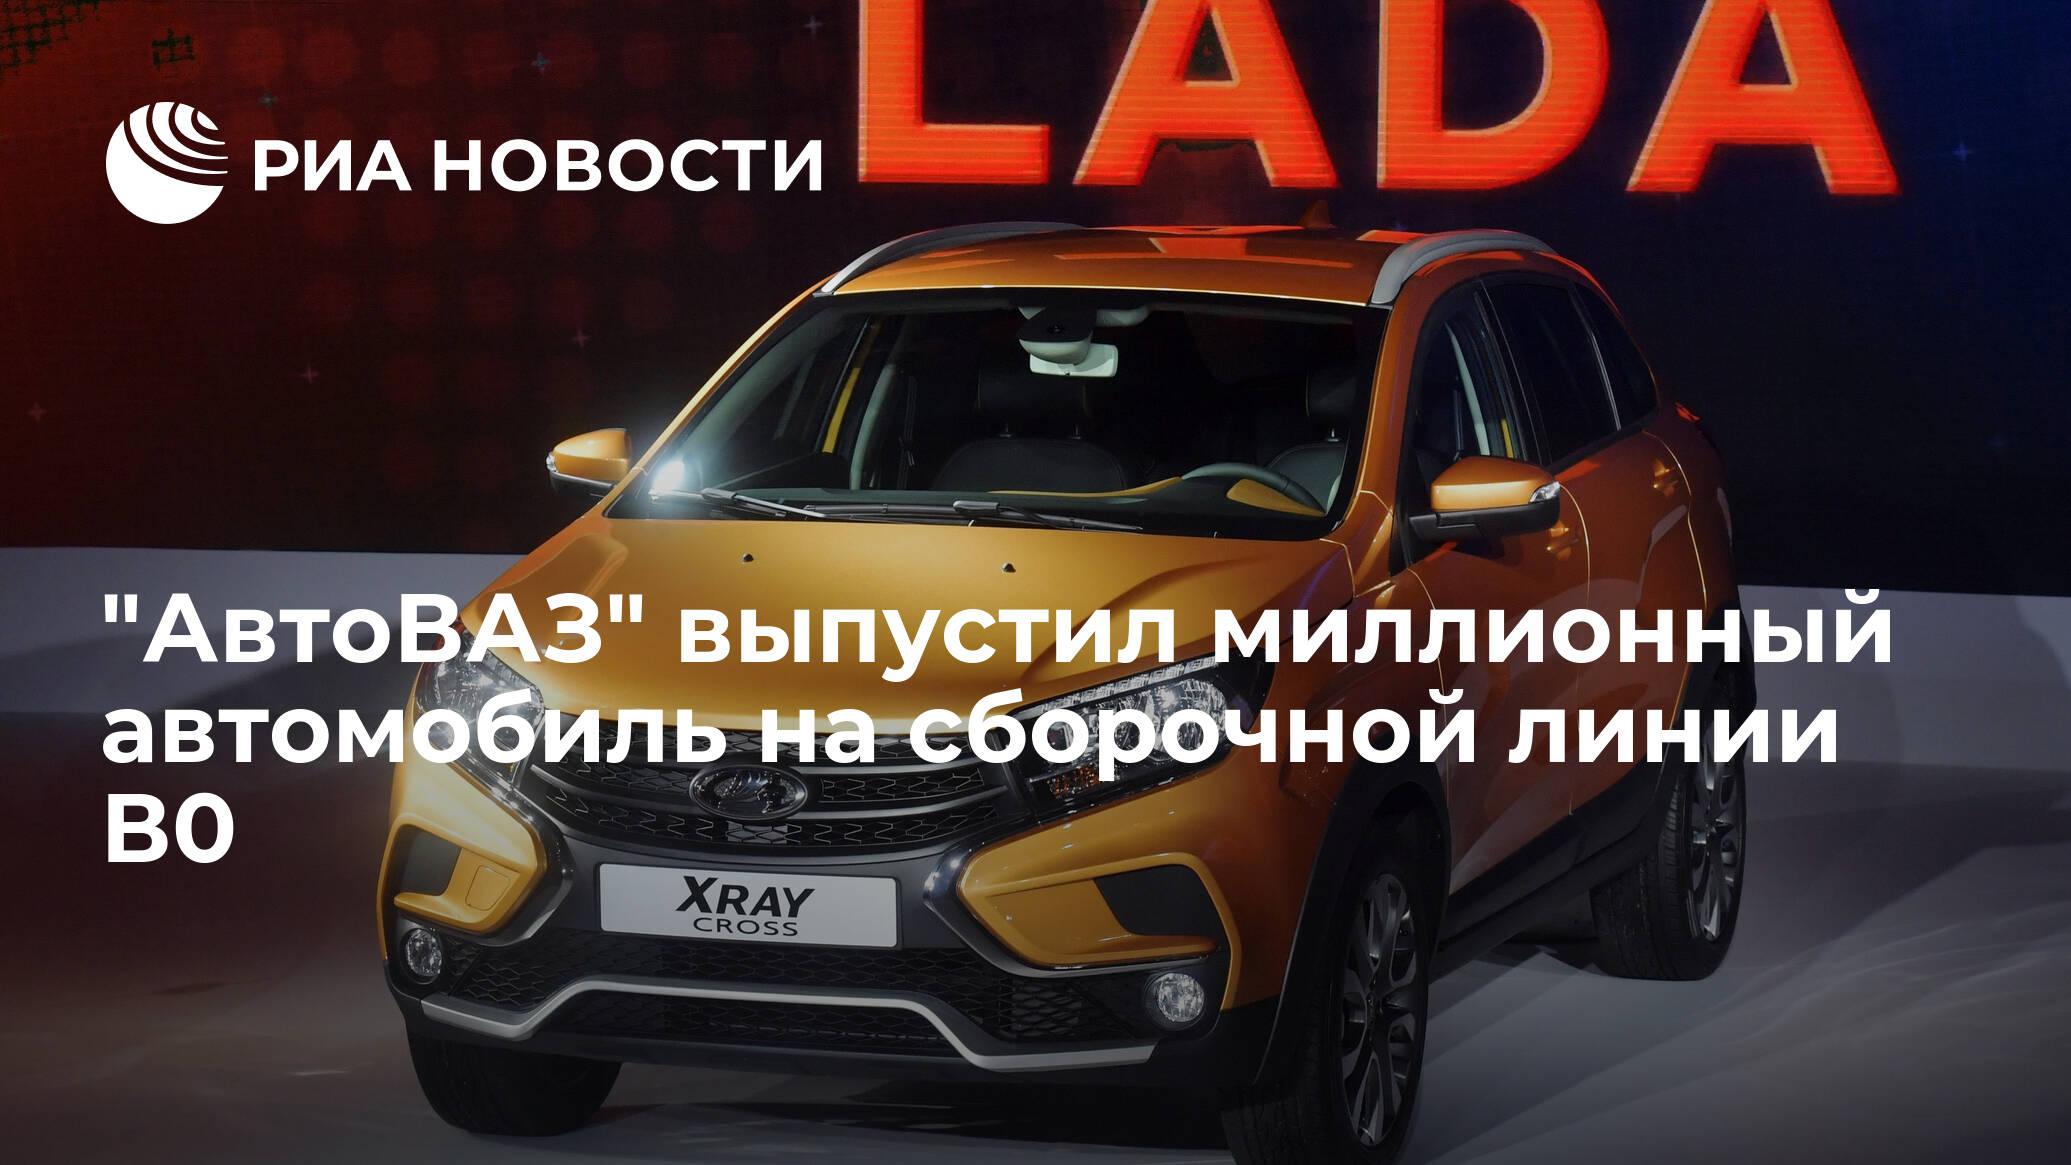 """""""АвтоВАЗ"""" выпустил миллионный автомобиль на сборочной линии В0 - РИА Новости, 14.06.2019"""